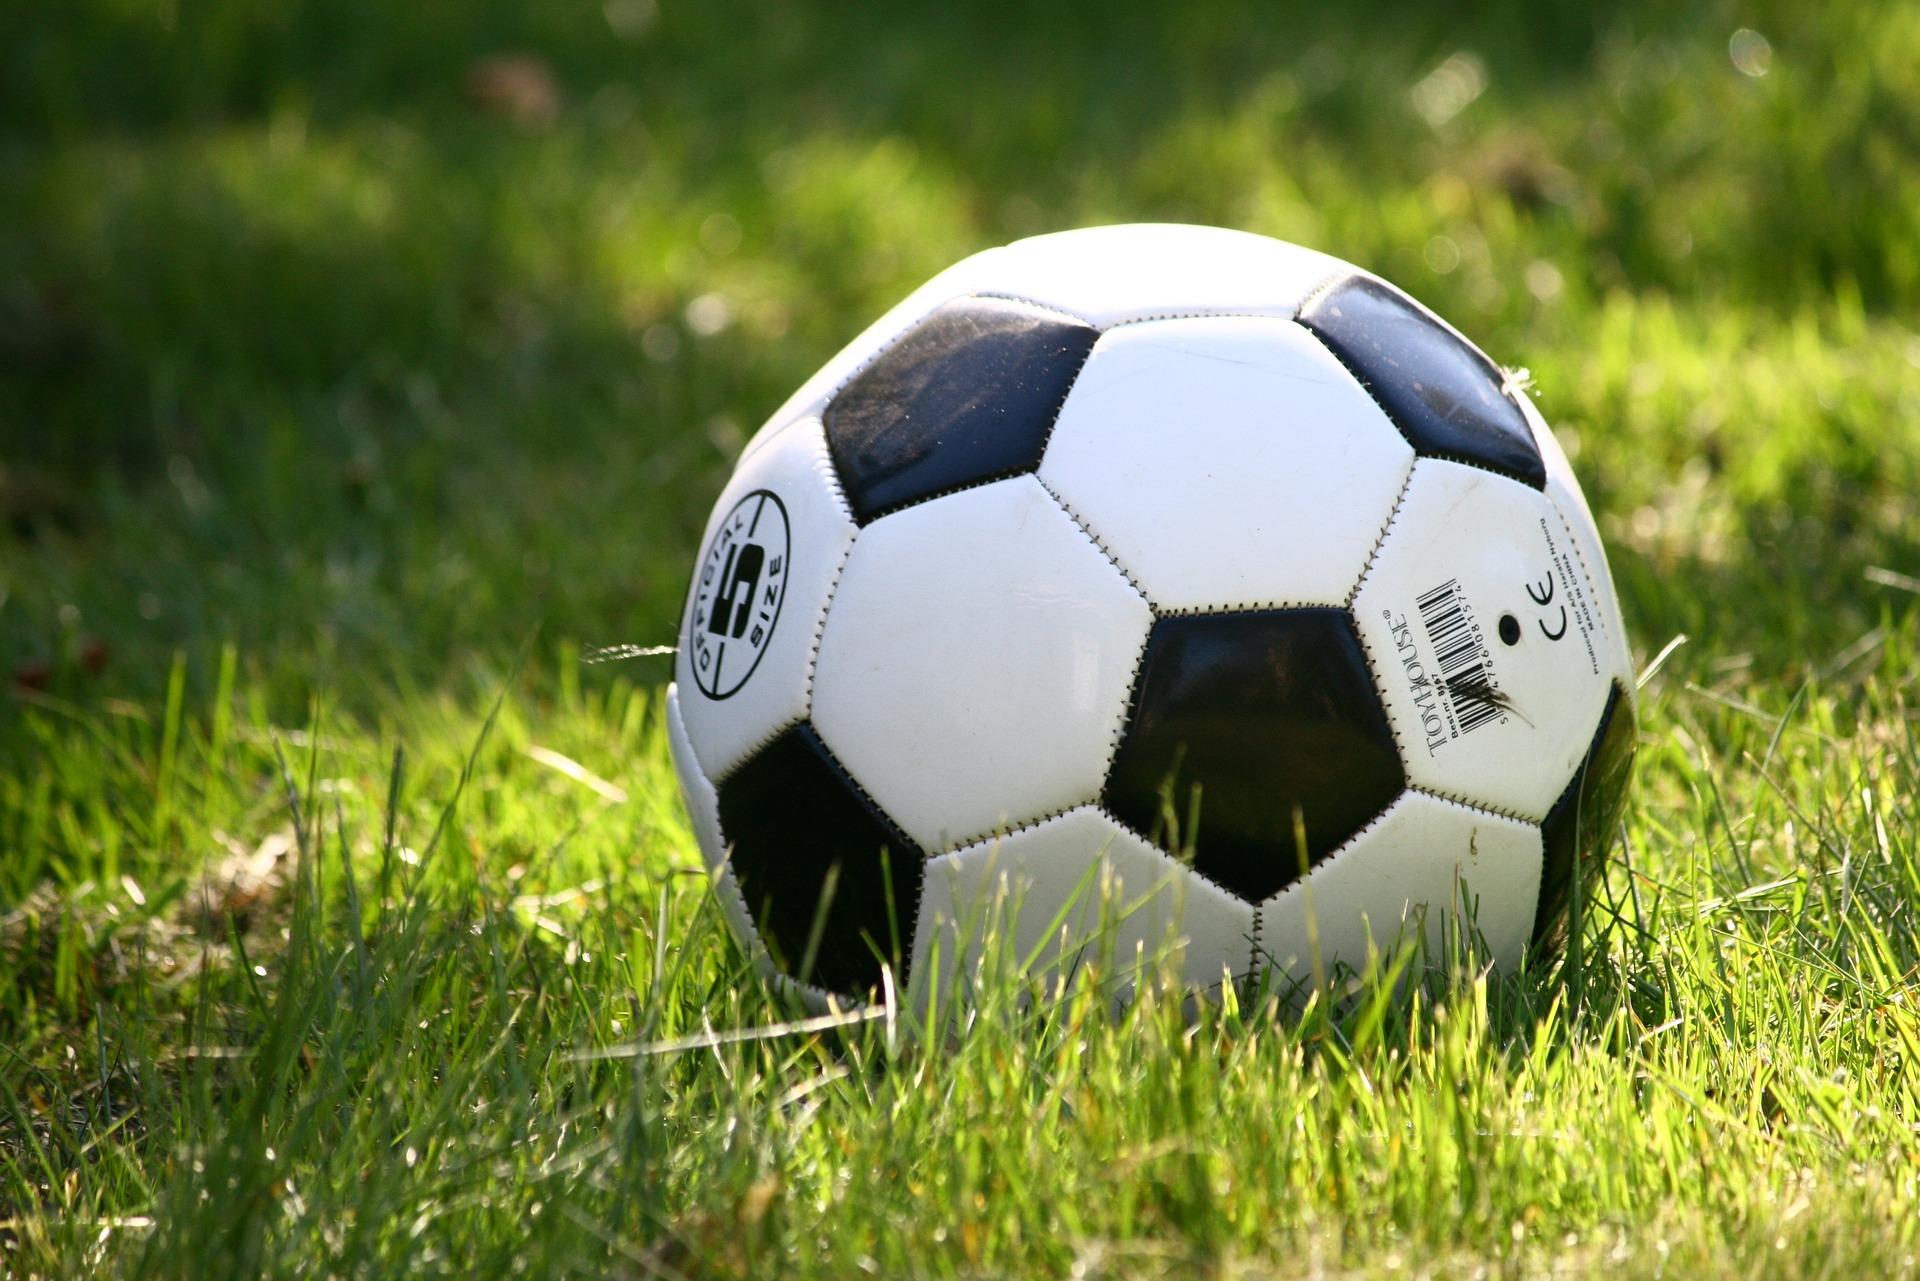 Sa, 29. Juni, 13 bis 17 Uhr: Fußballprojekt für Kinder und Jugendliche zwischen 10 und 16 Jahren in der Jugendfreizeiteinrichtung Nische. Ort: Louis-Lewin-Straße 40c. © AnnRos, Pixabay